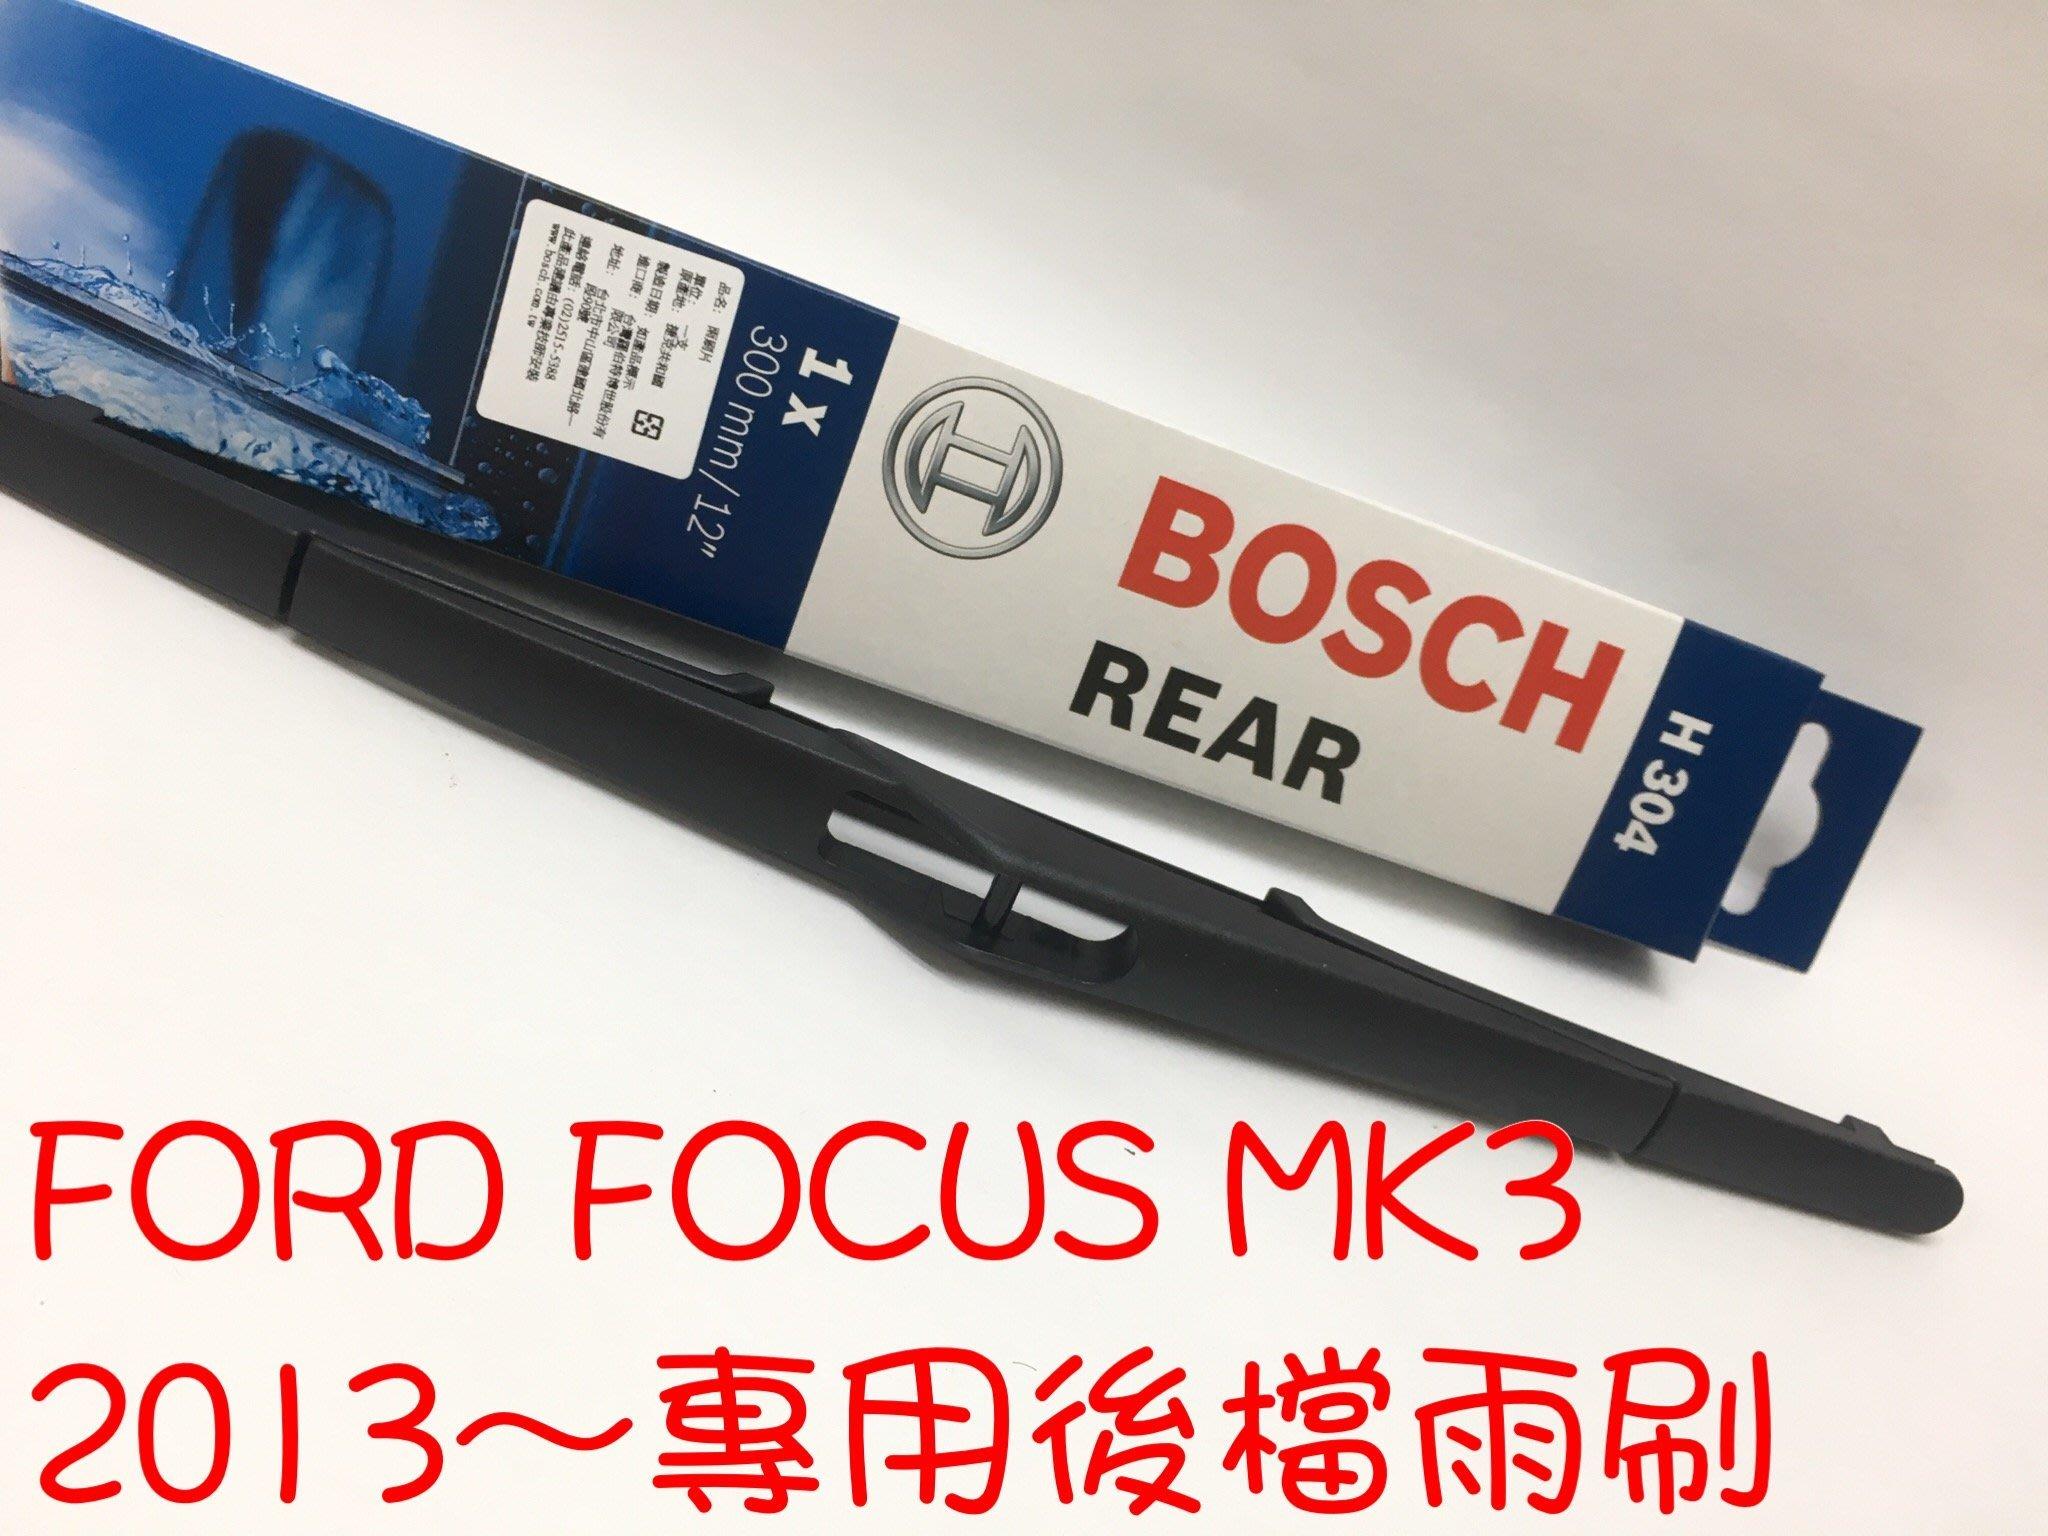 亮晶晶小舖-BOSCH專用軟骨雨刷 FORD FOCUS MK3 fiesta 專用後擋雨刷 H304 MK3 後擋雨刷